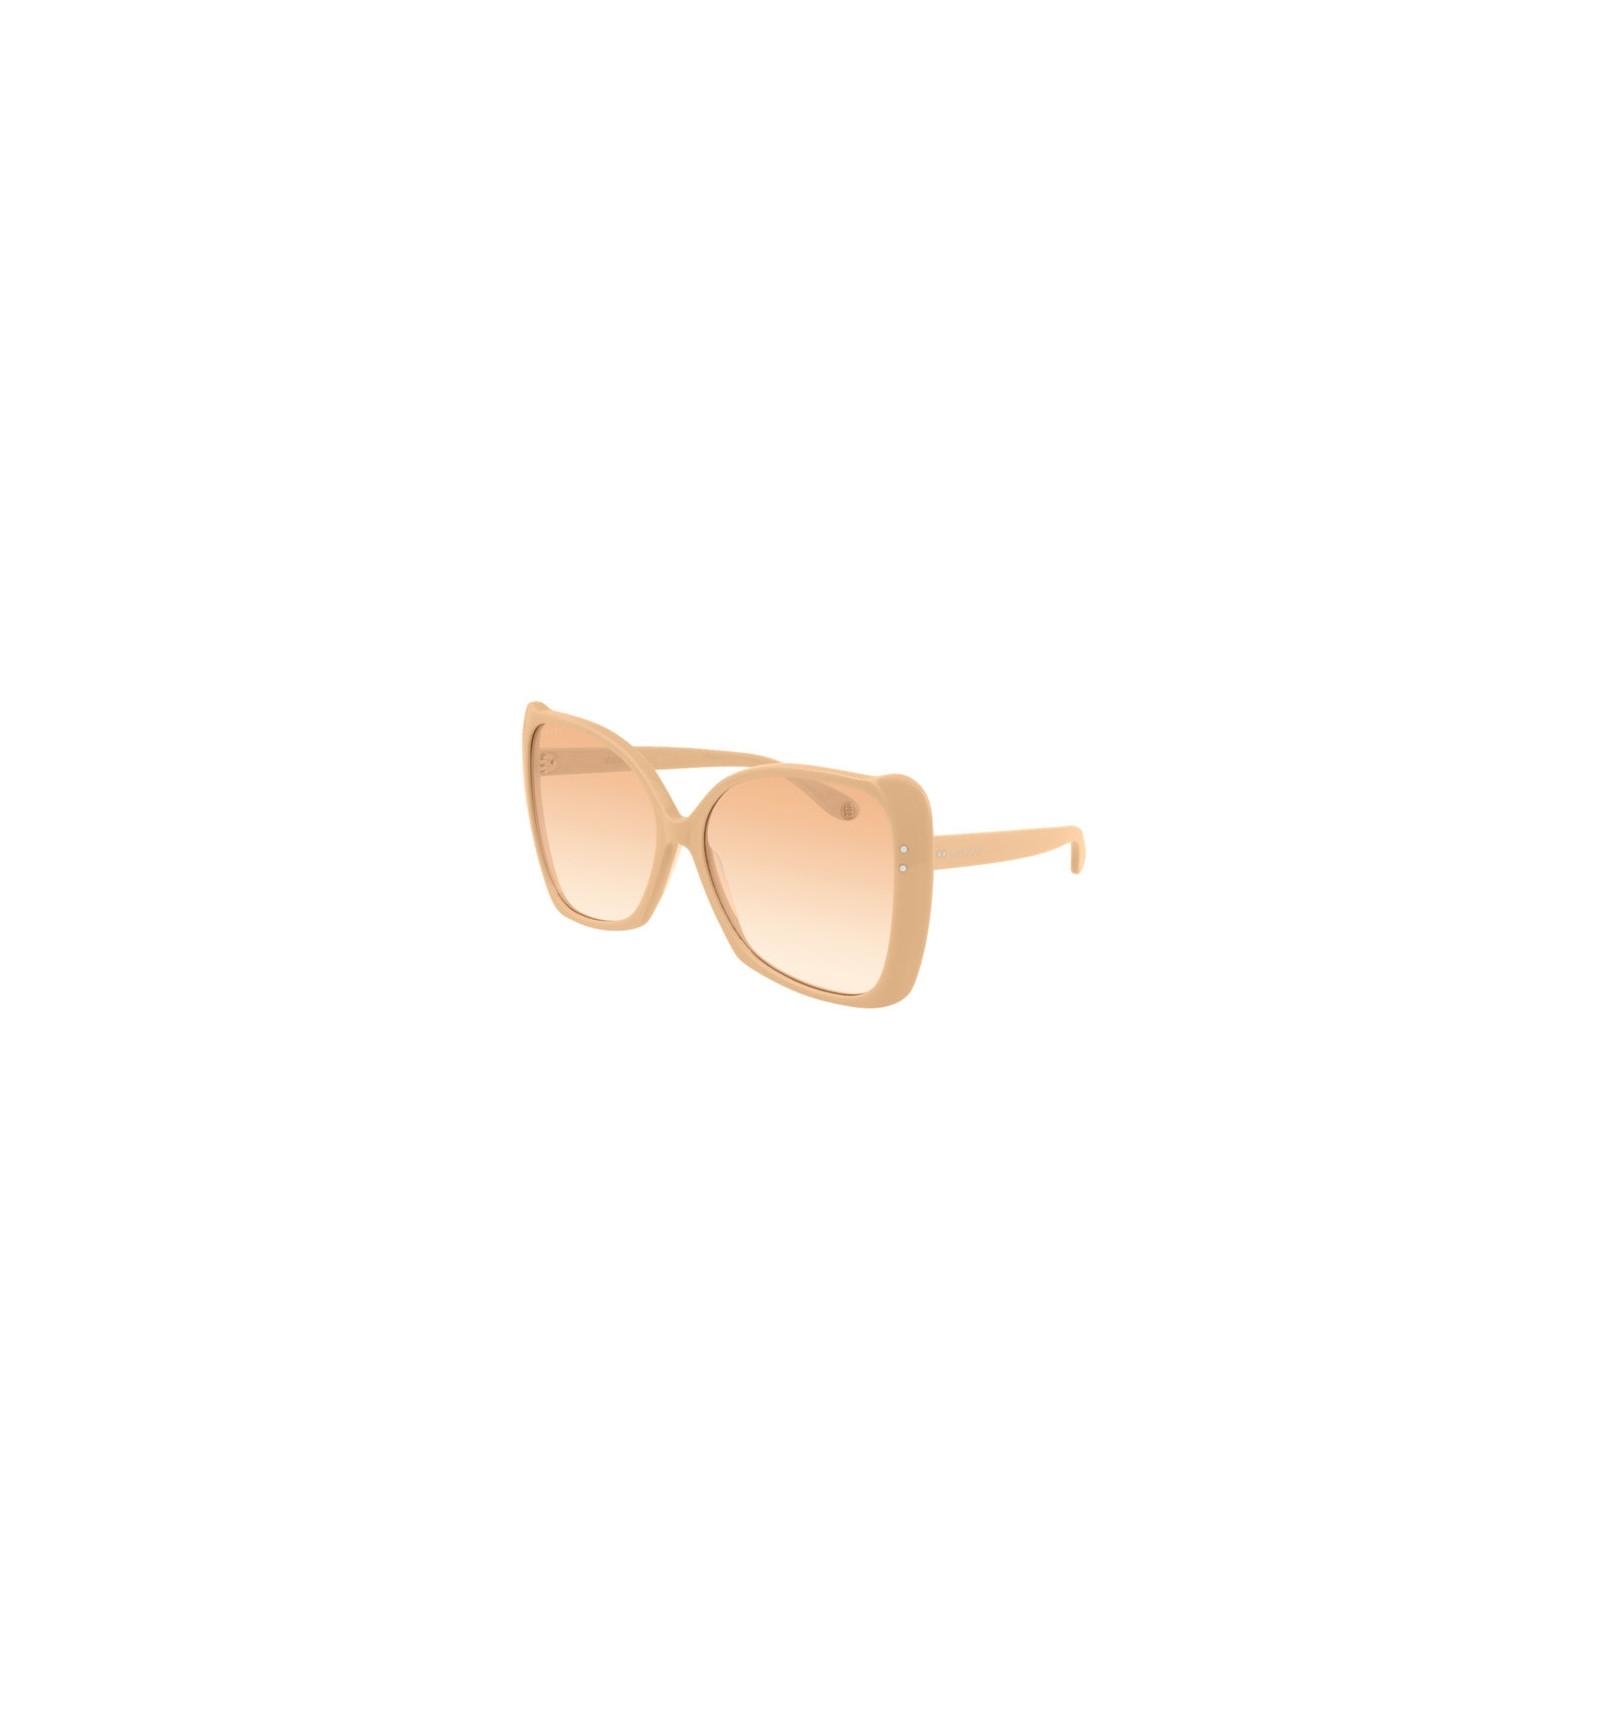 0c27435324 Nuevo 2019 Nuevo Gafas de Sol GUCCI GG0471S Nude - Orange Gradient (005)